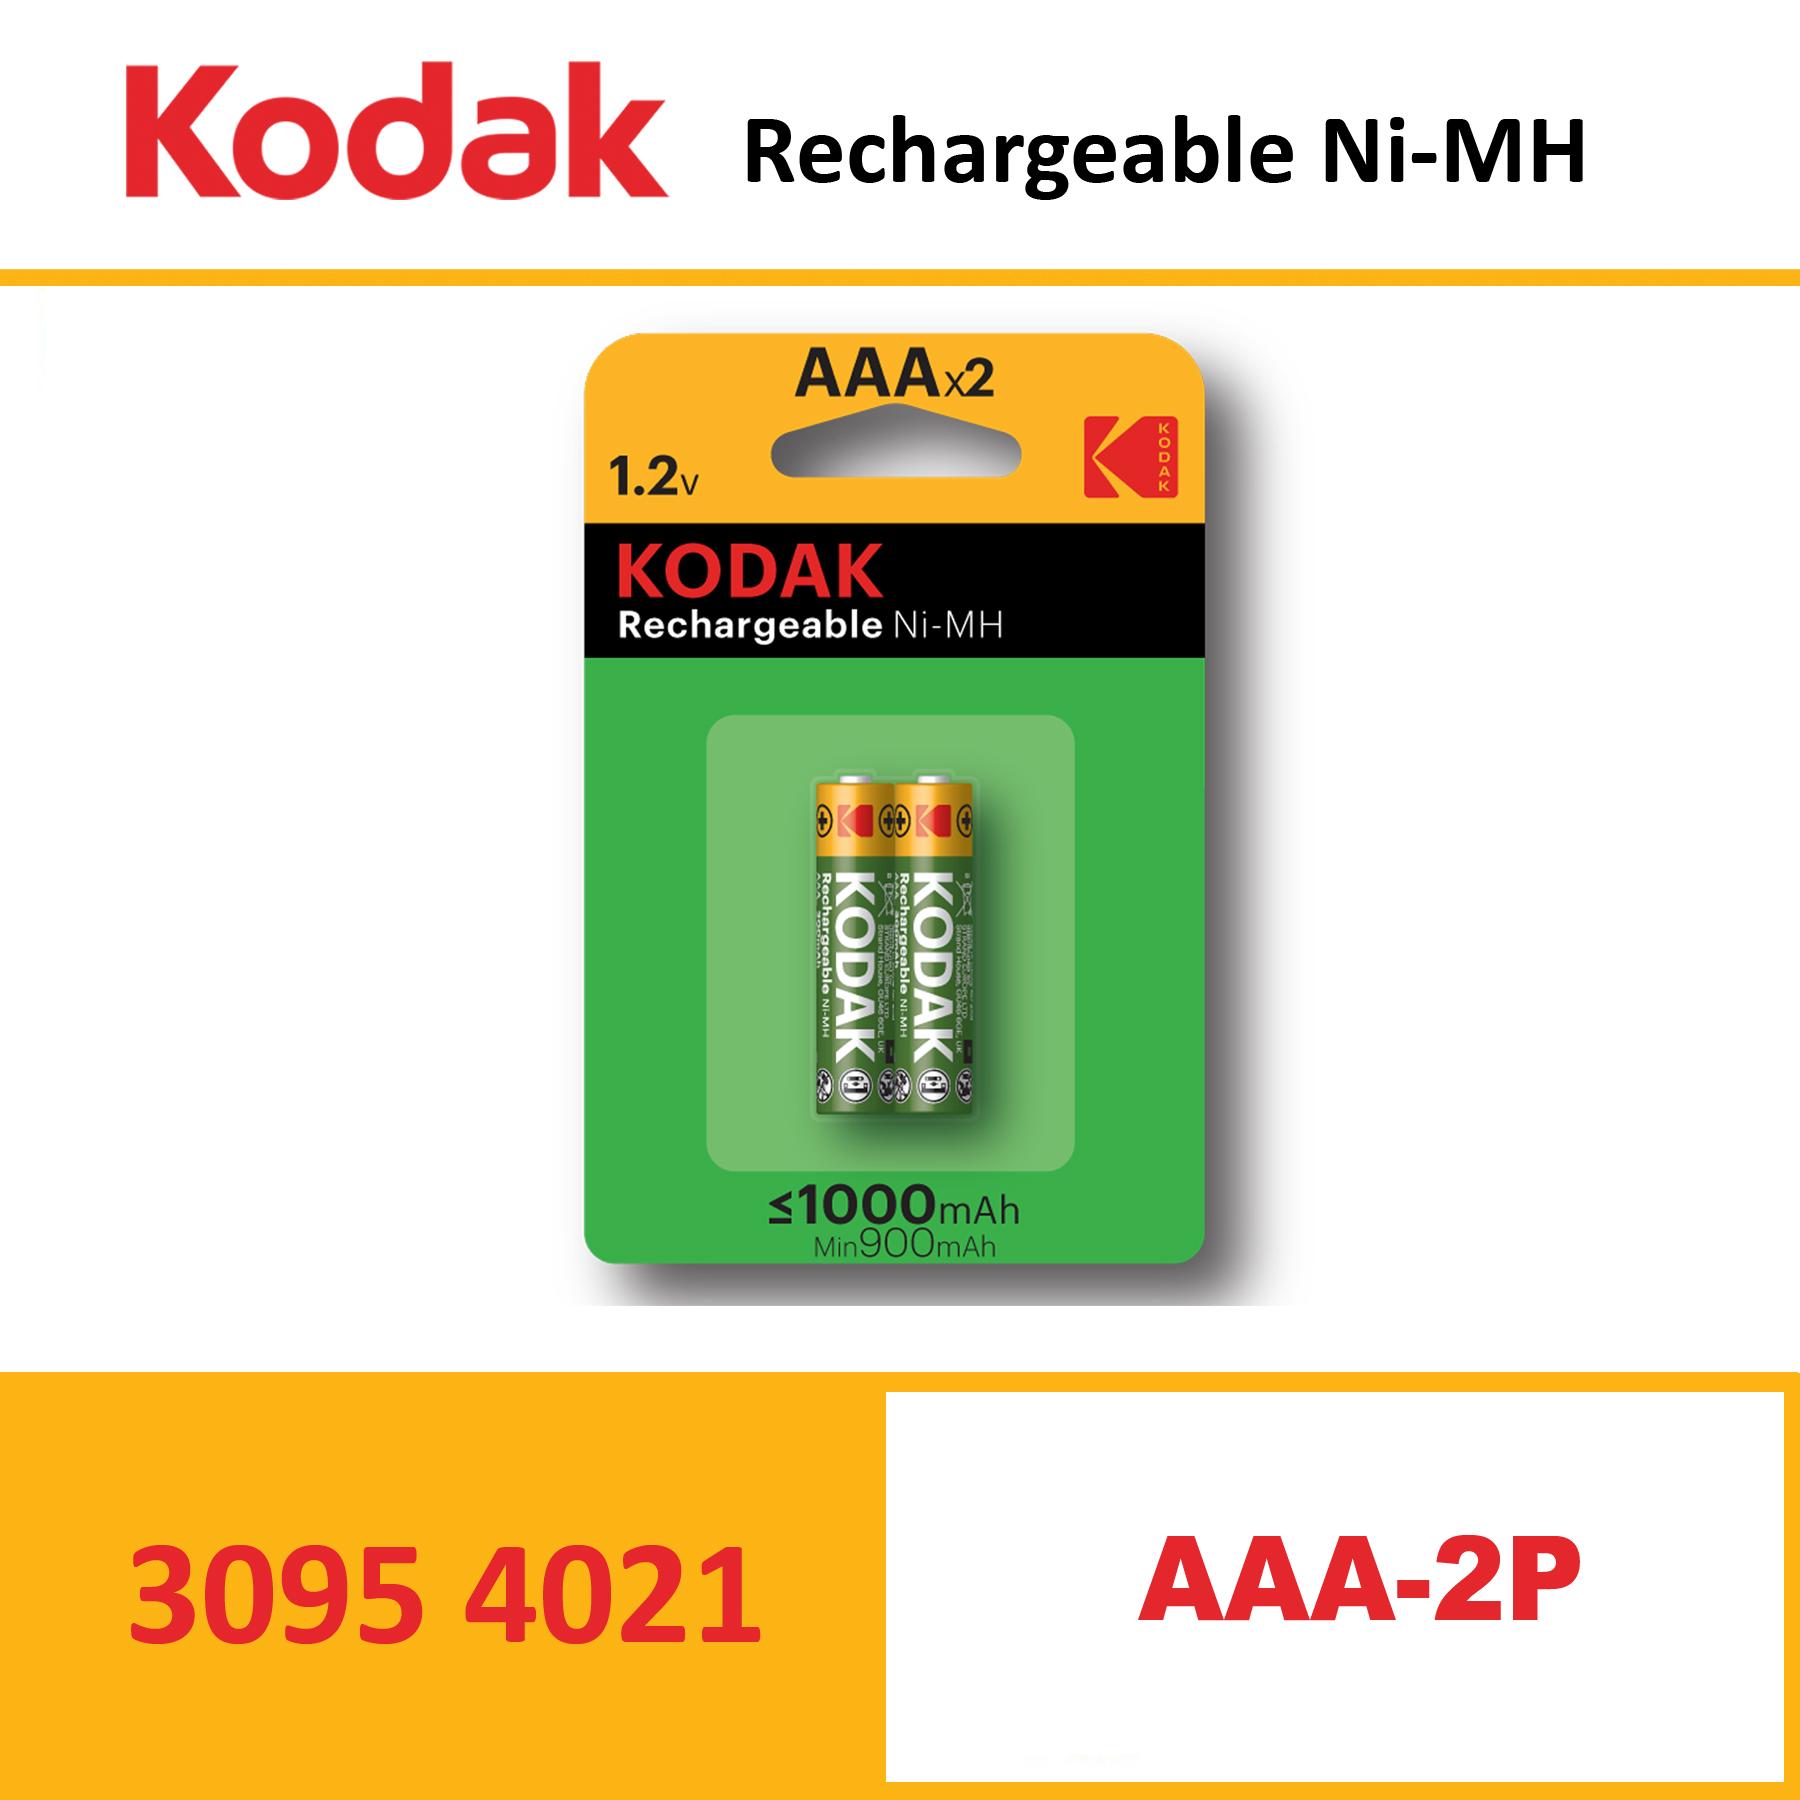 KODAK KAAAHR Rechargeable NiMH AAA-2